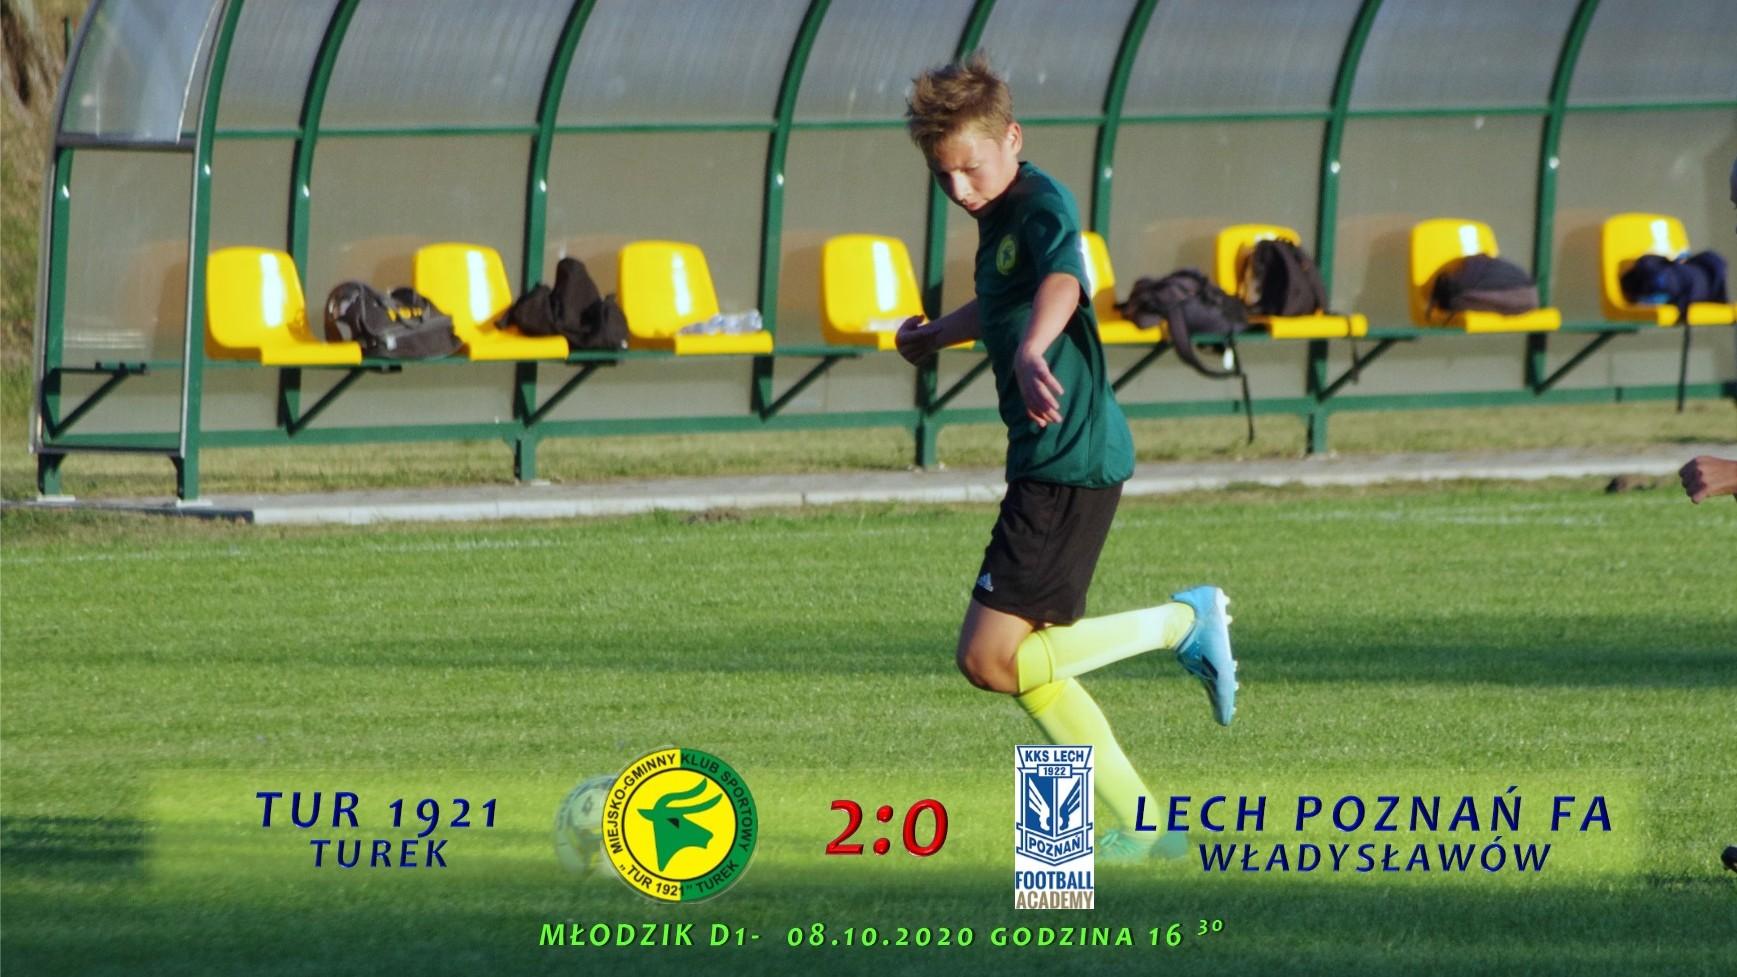 Tur 1921 Turek- Lech Poznań FA Władysławów 2:0, D1